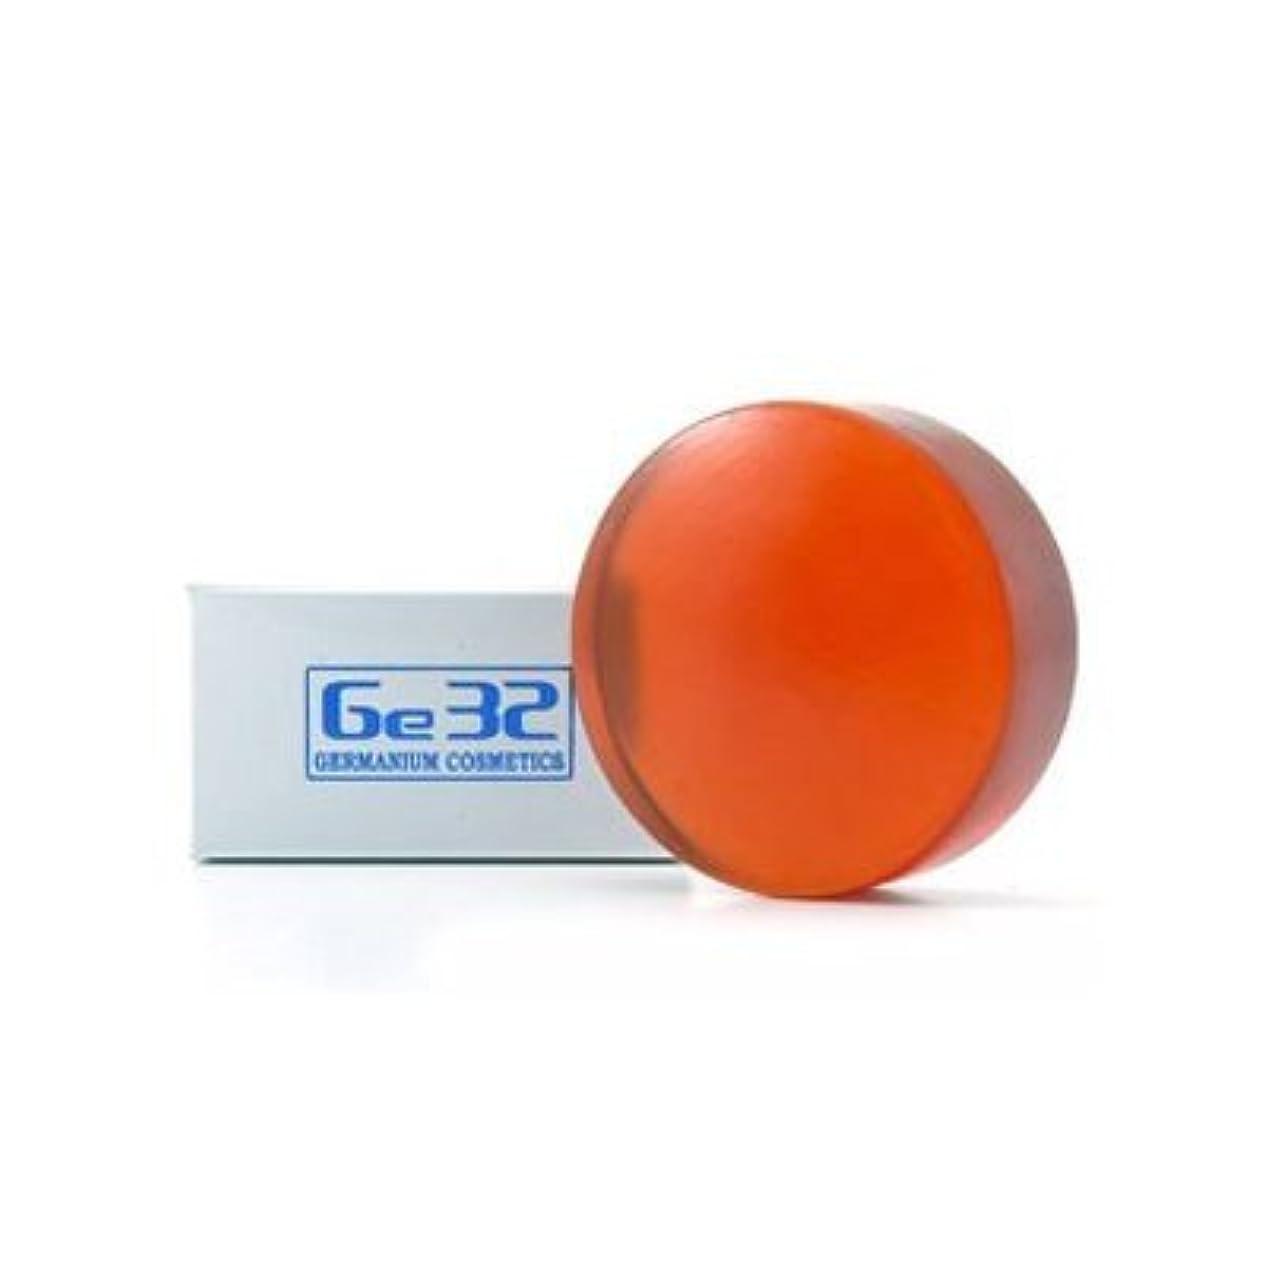 ベルクール フェイスクリエイト Ge ソープ 100g×2個セット